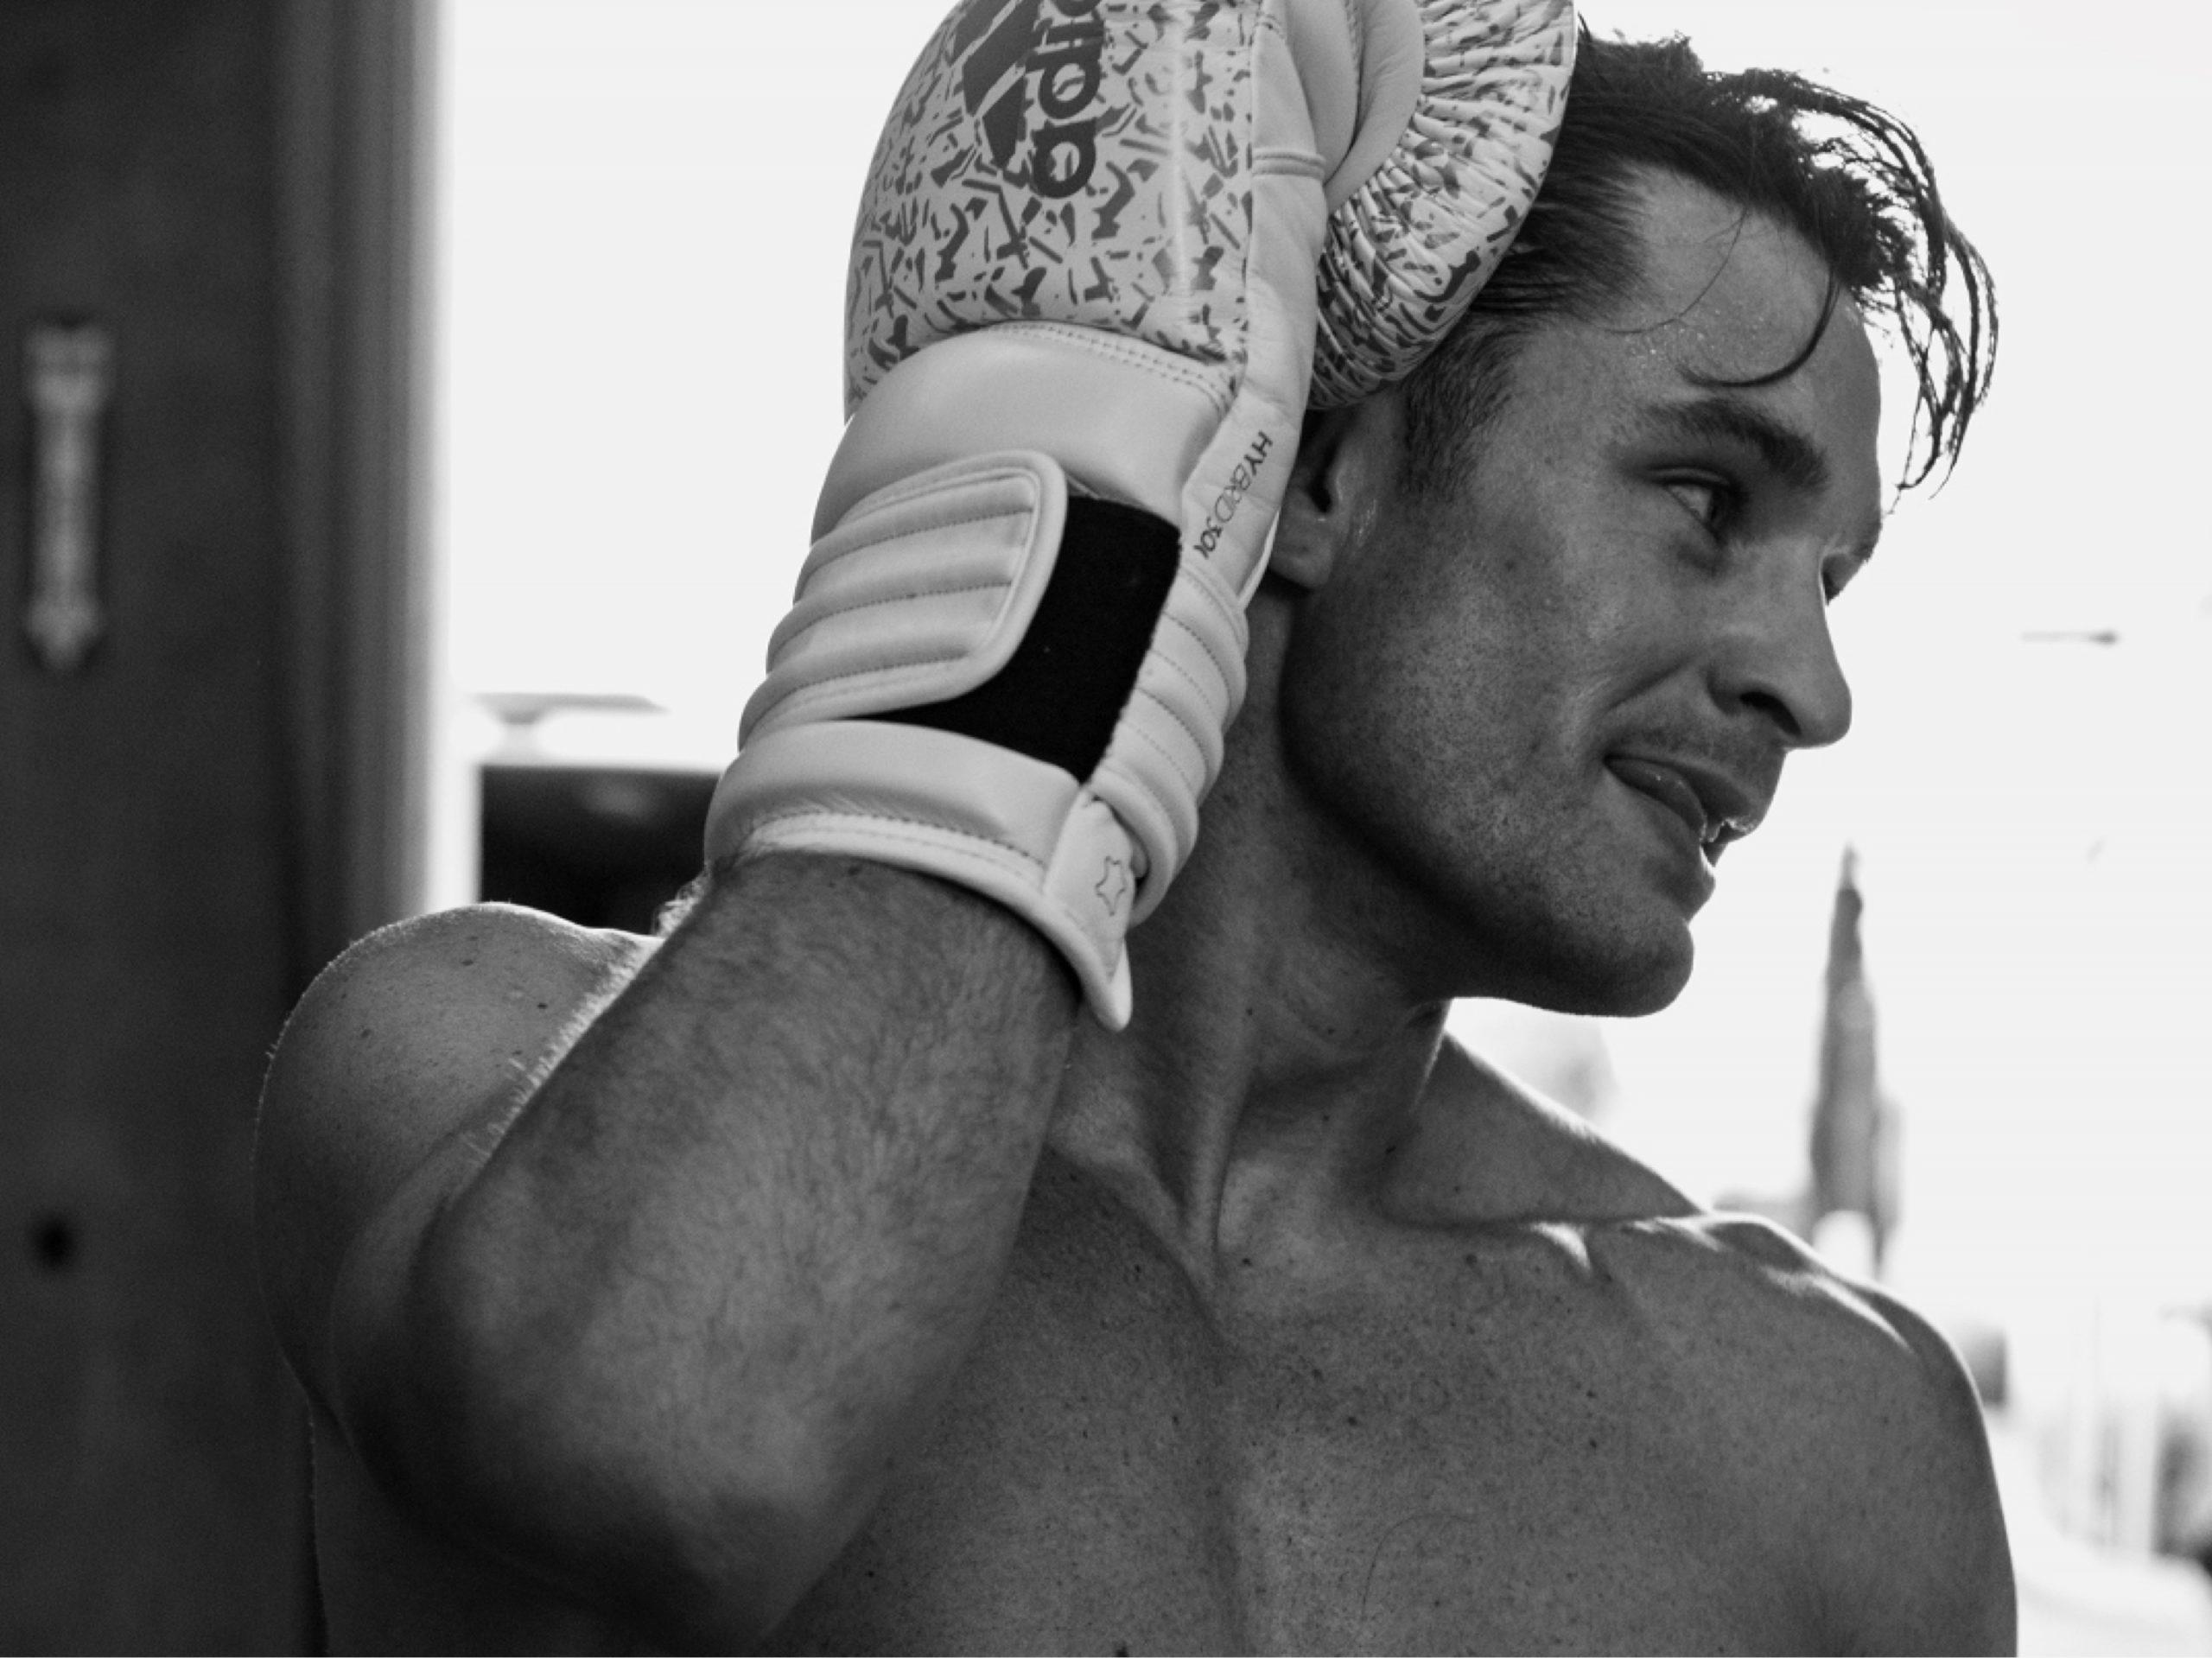 pascher-heinz-adidas-boxing-visual-05